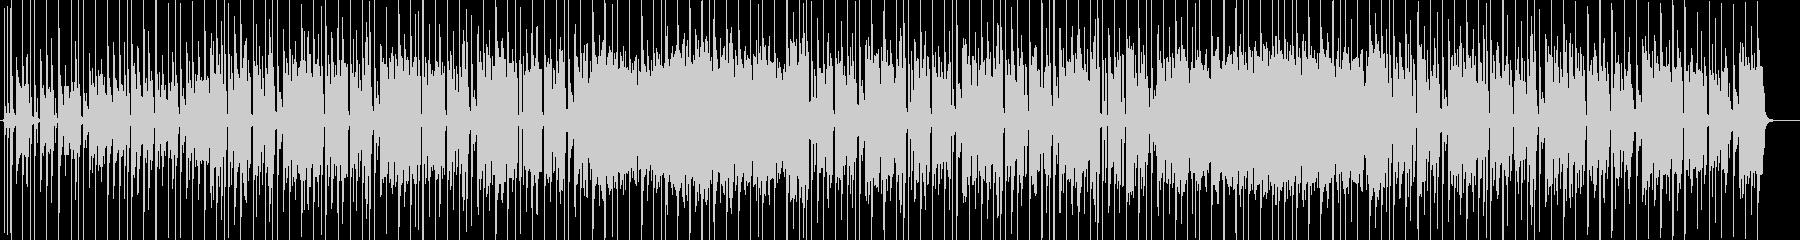 わくわく楽しい キュートなファンクポップの未再生の波形